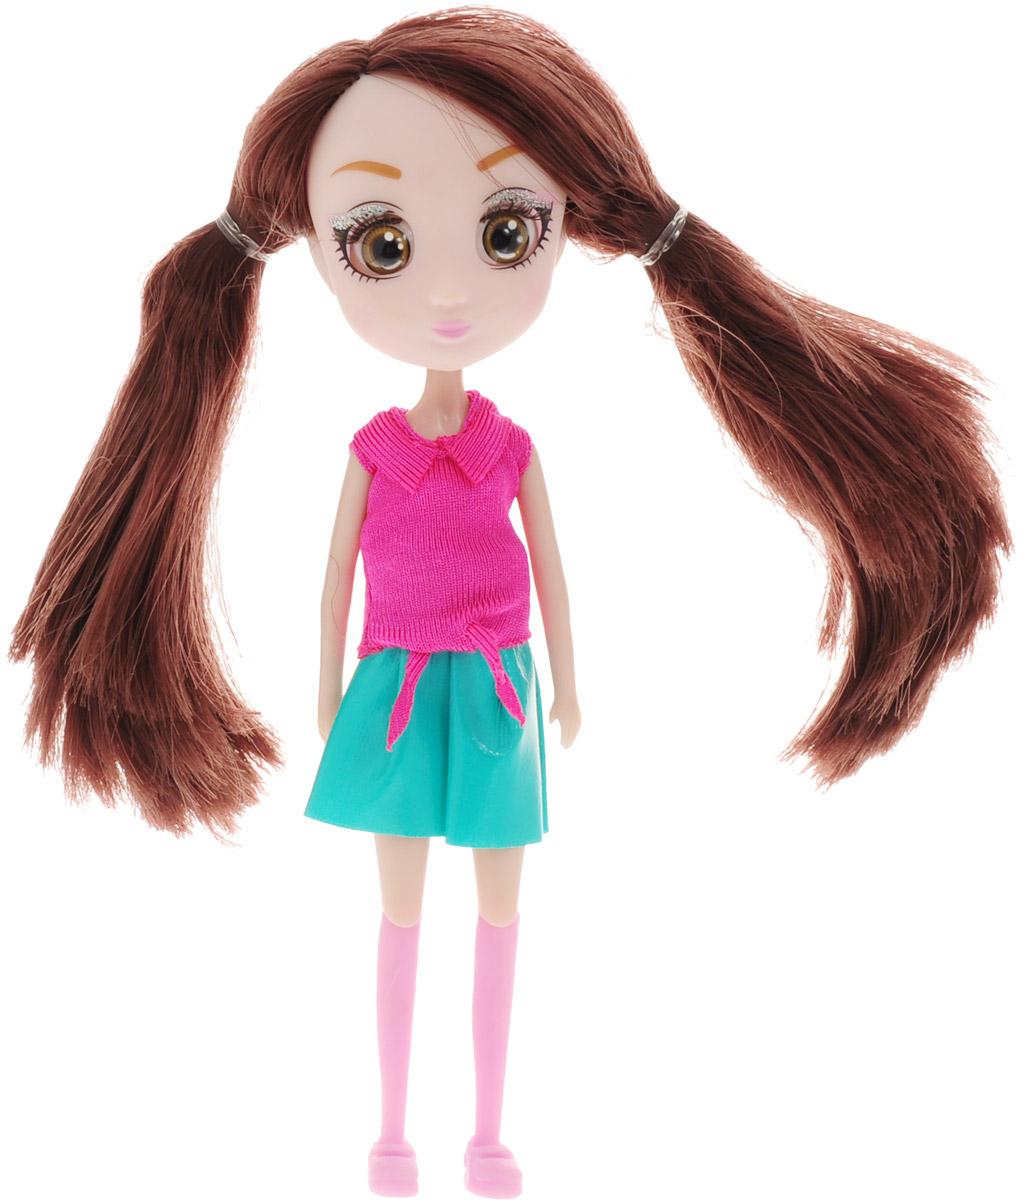 Shibajuku Girls Мини-кукла Намика shibajuku girls кукла 15см намика shibajuku girls